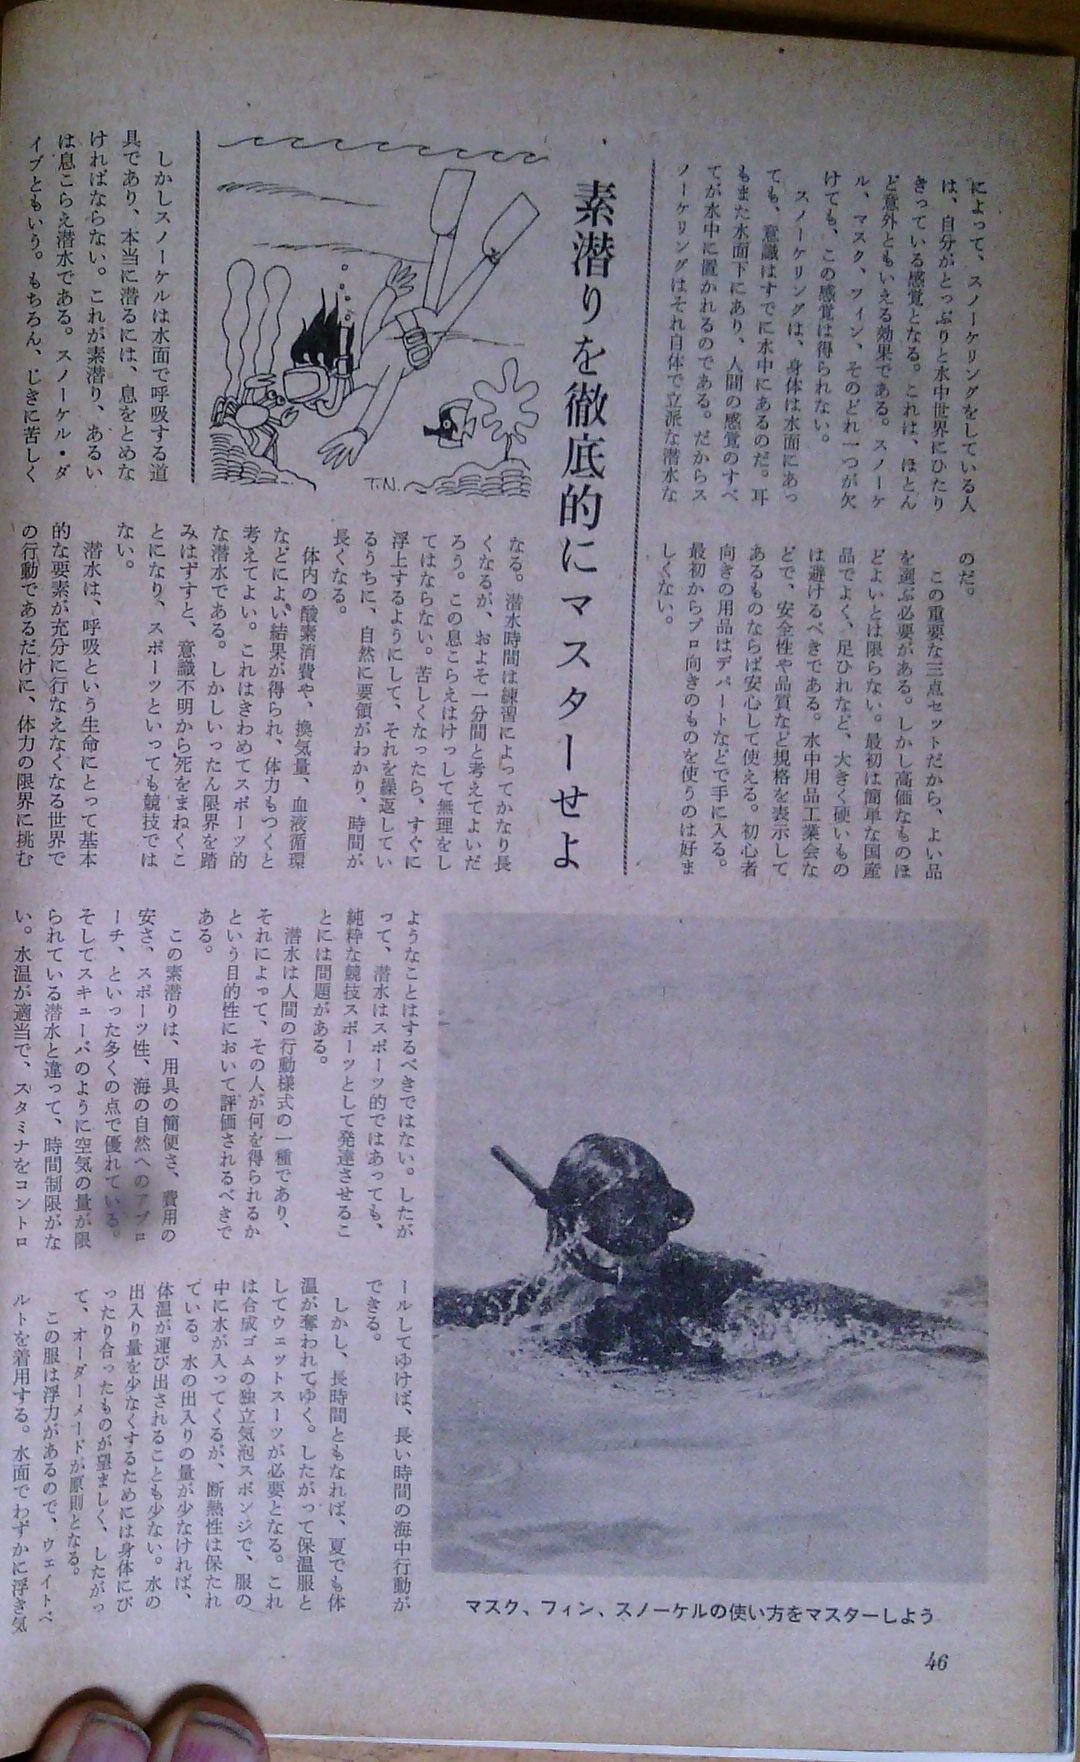 0513 ダイビングの歴史 70 海の世界 1974年 5月_b0075059_13133336.jpg